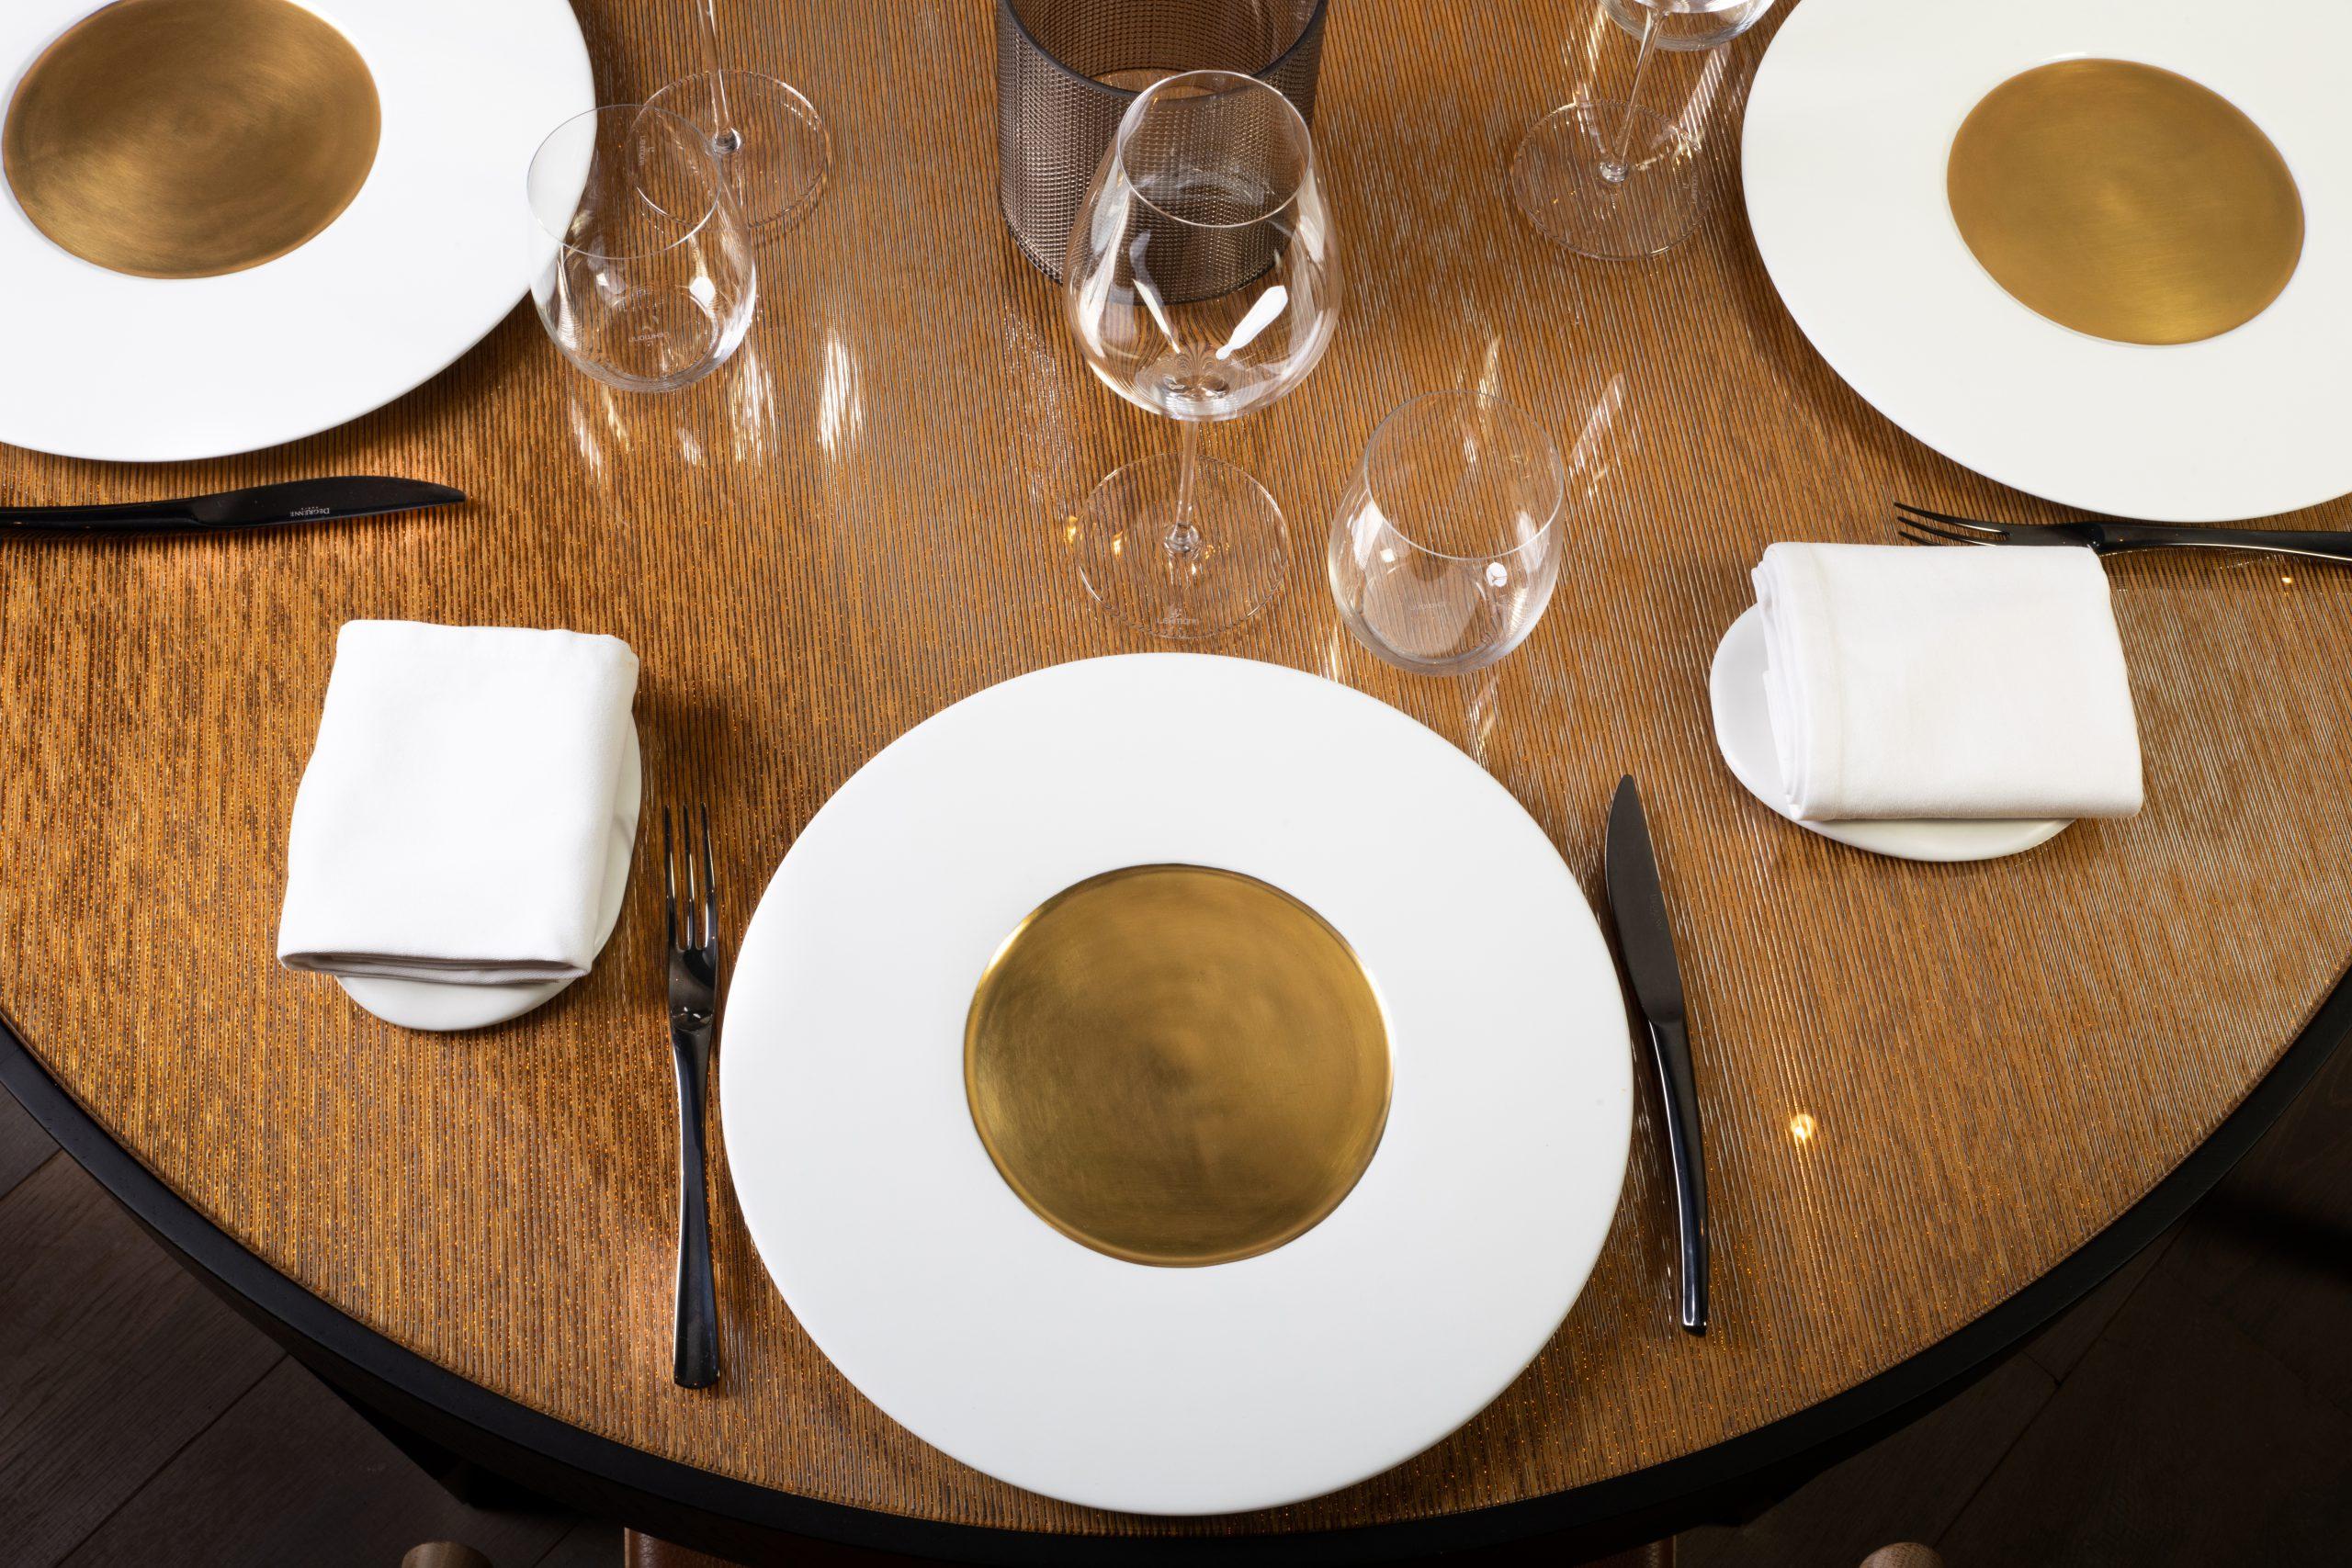 Table solo et detail 5V3A4369-1